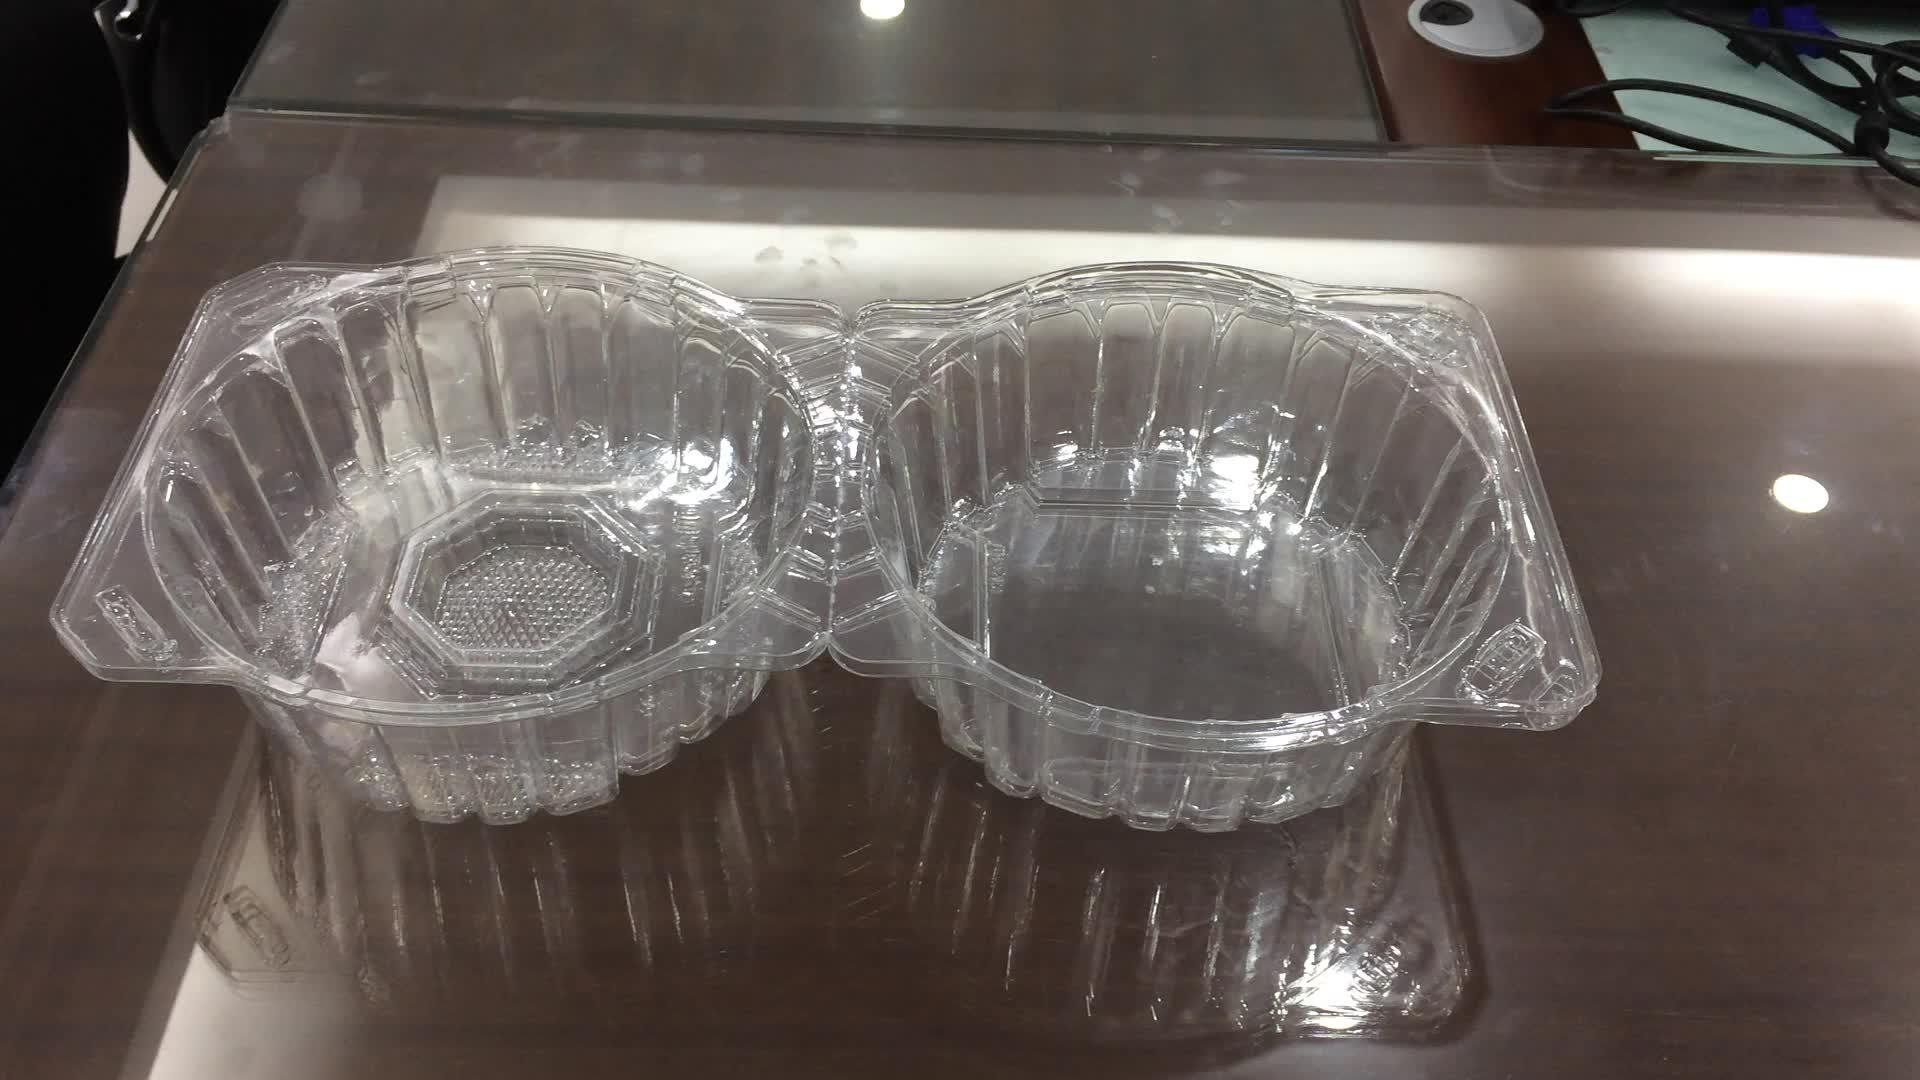 Usa e getta di Plastica Trasparente Blister Imballaggio della Copertura Superiore per la verdura Lattuga